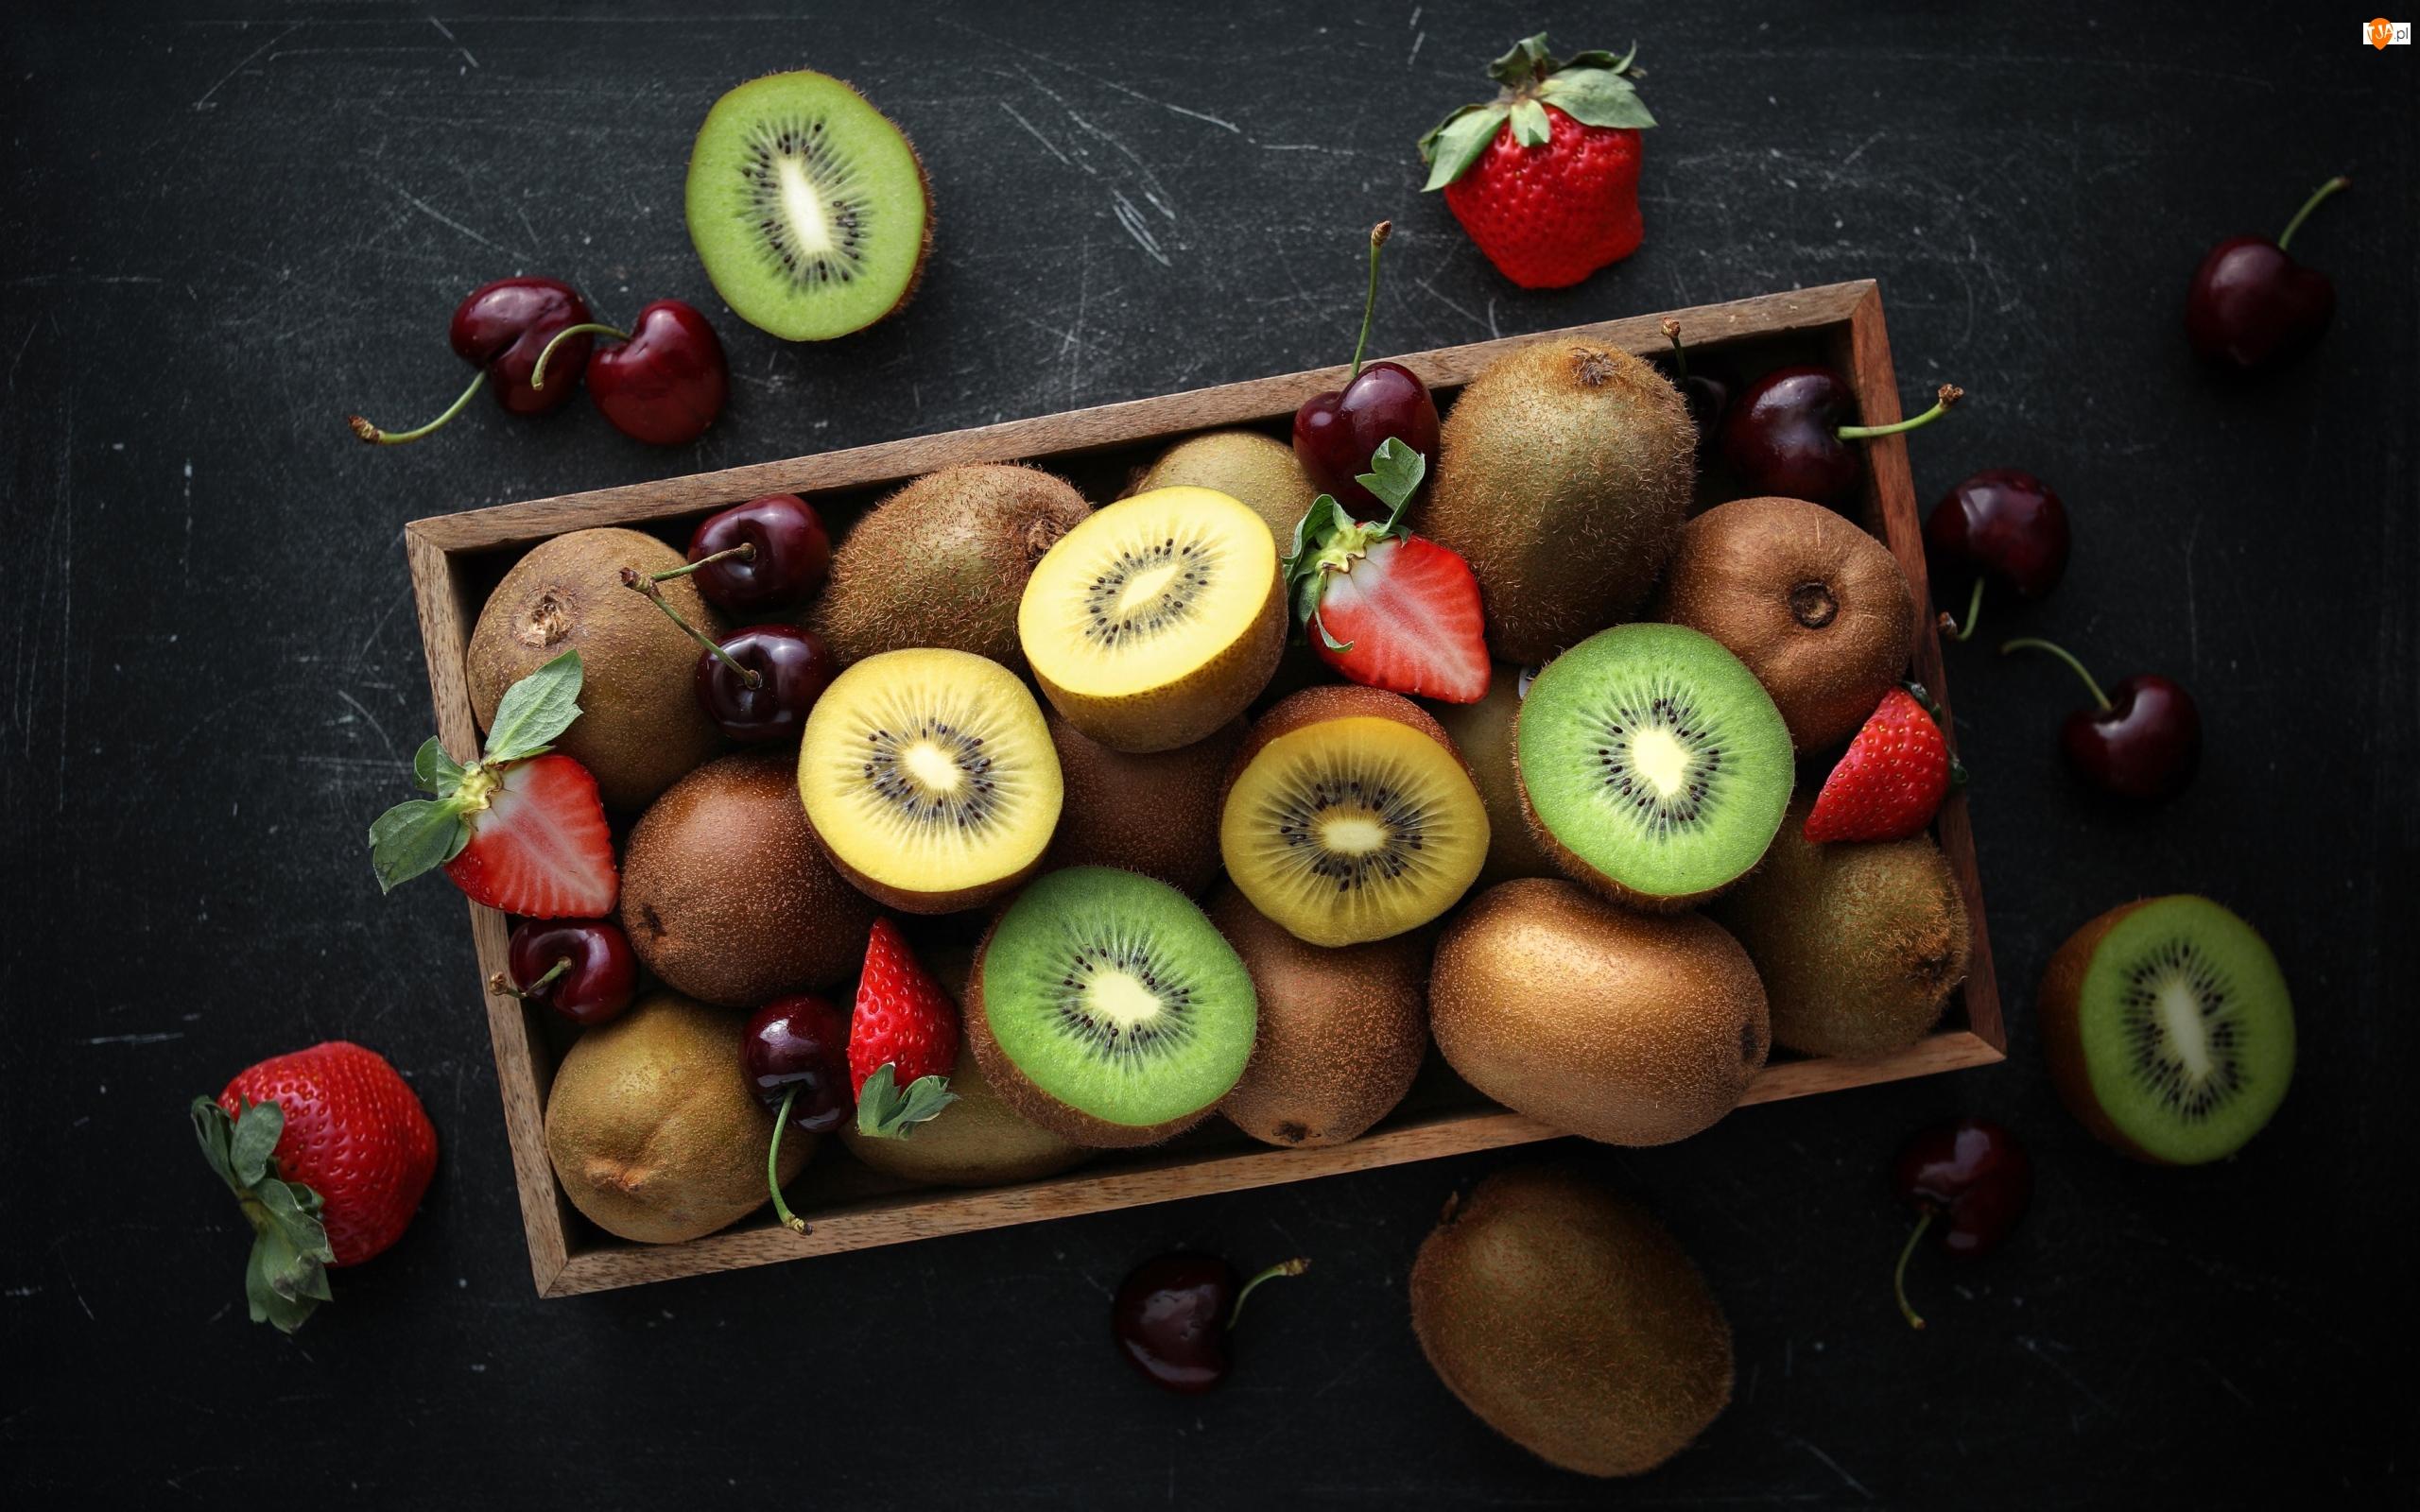 Wiśnie, Skrzynka, Kiwi, Truskawki